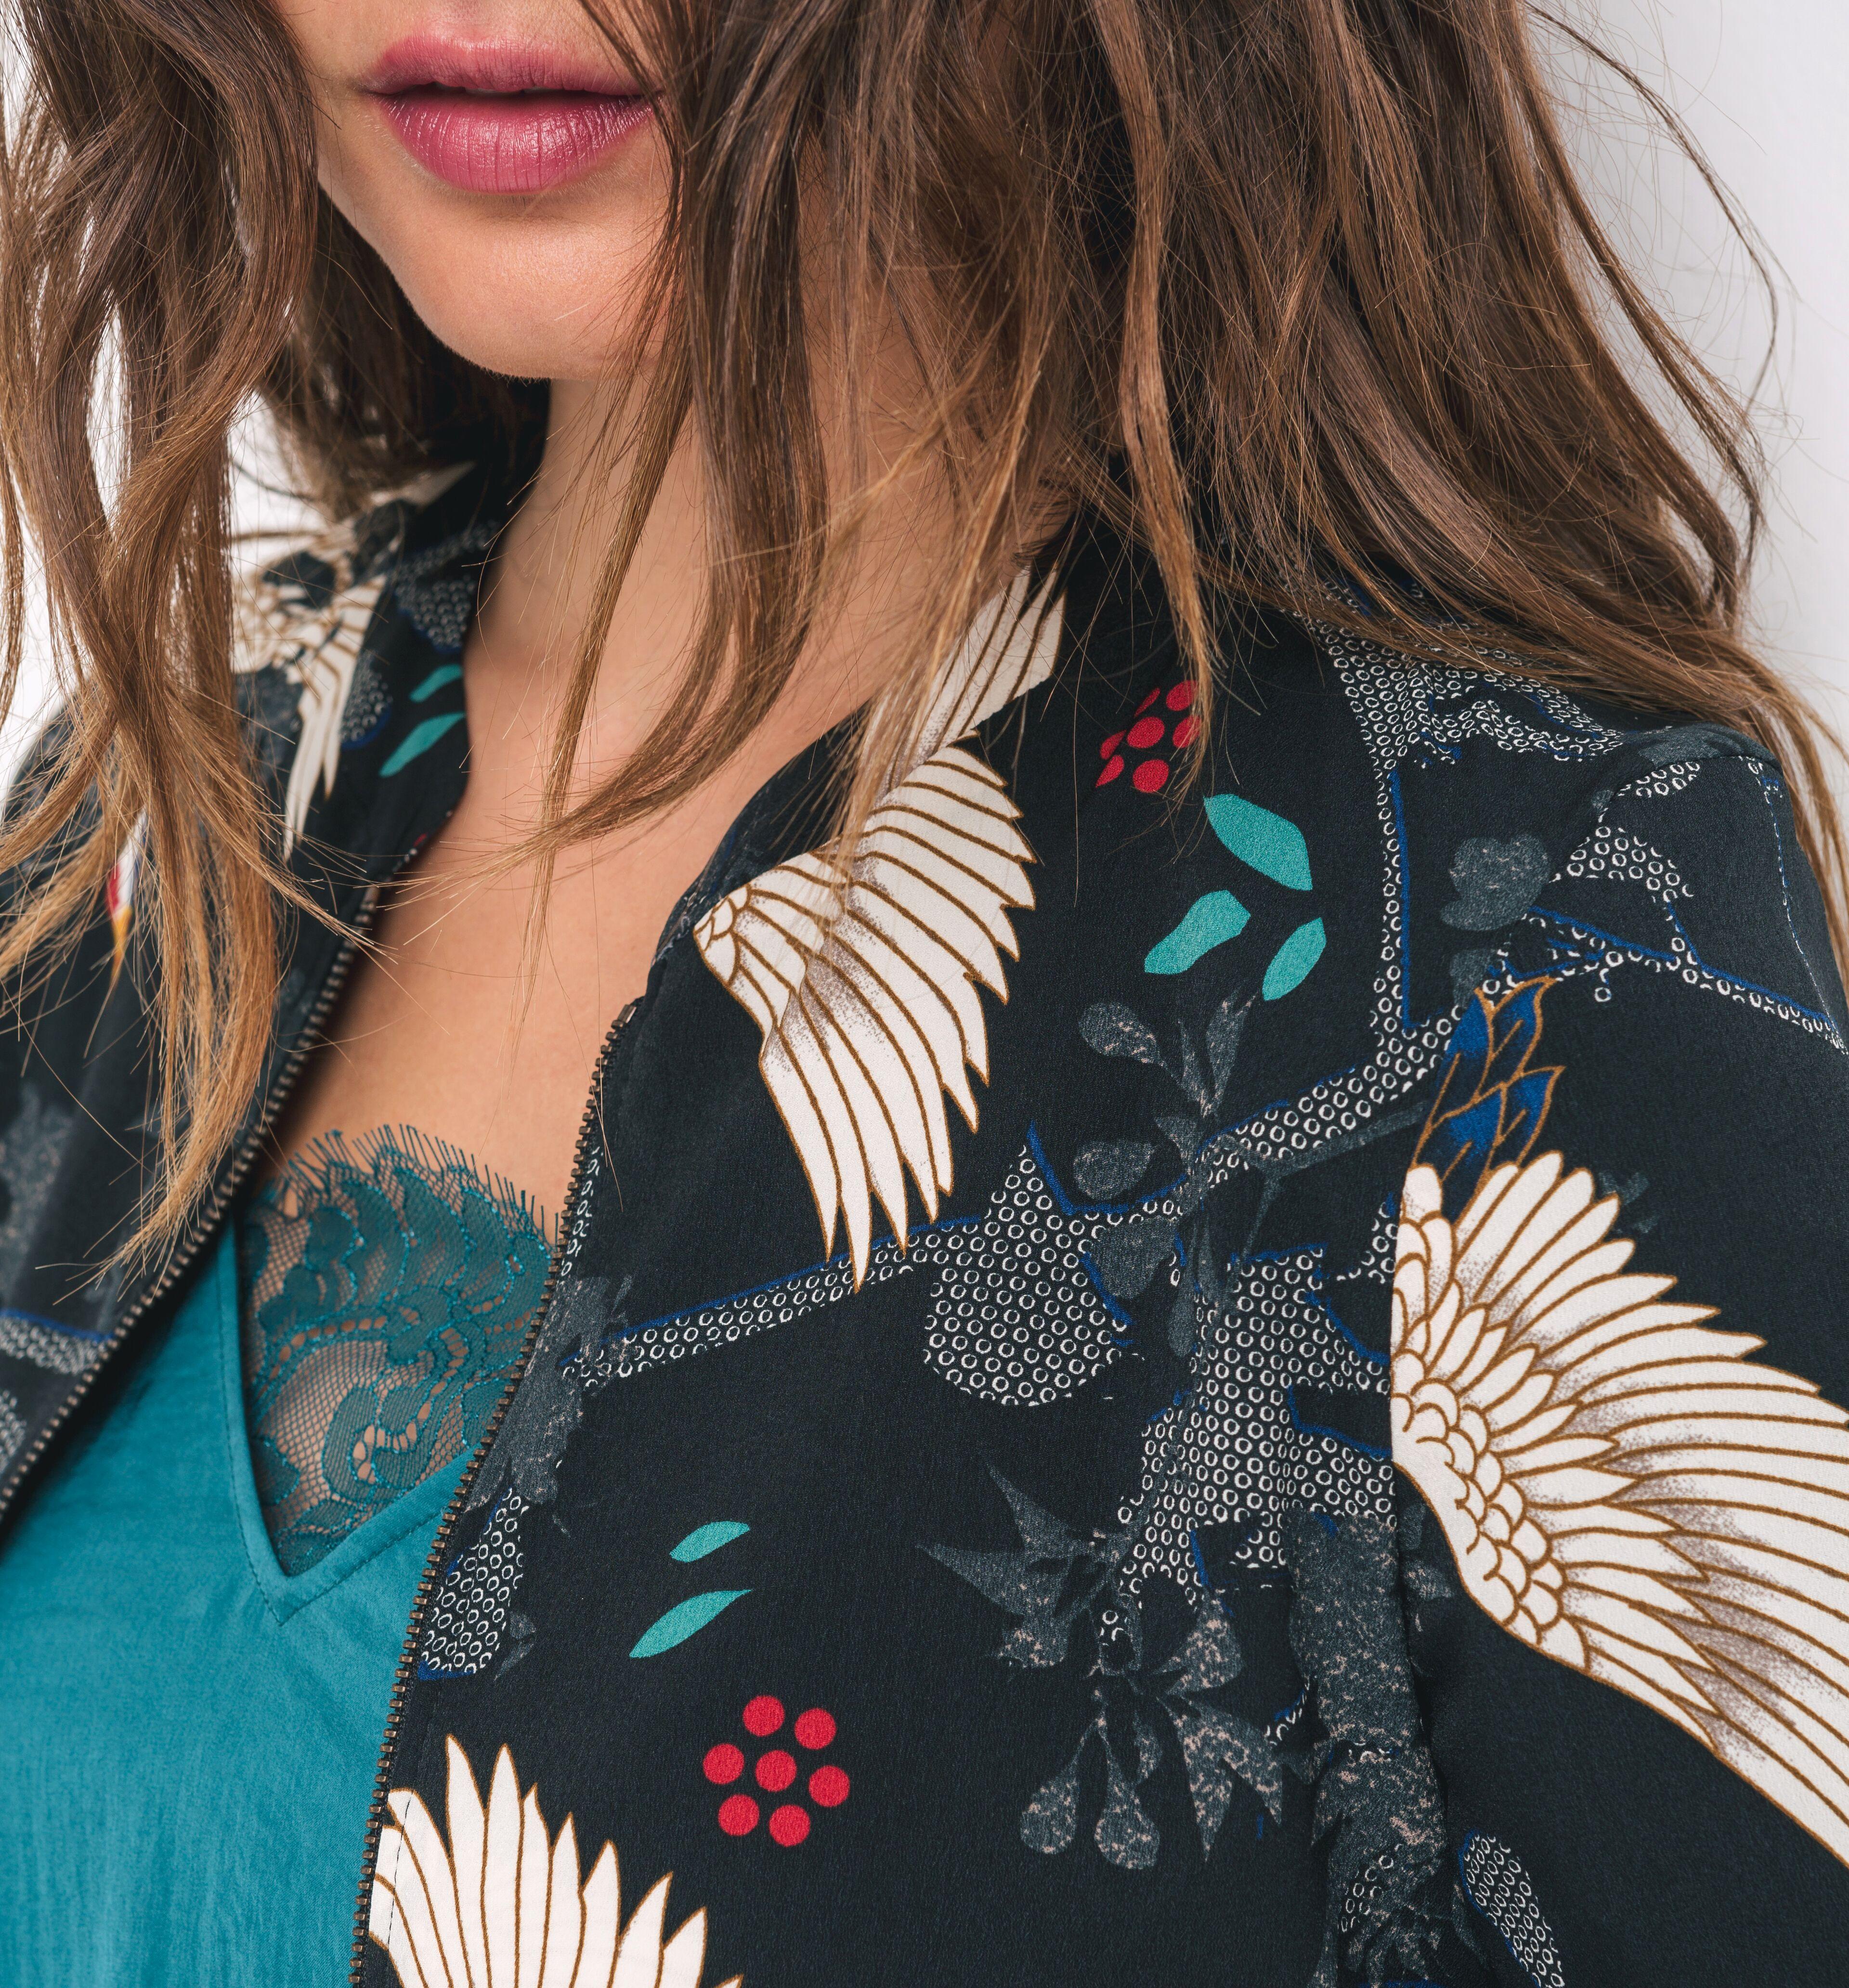 Sweter z reniferem (fot. popsugar.co.uk oraz dorothyperkins.com)